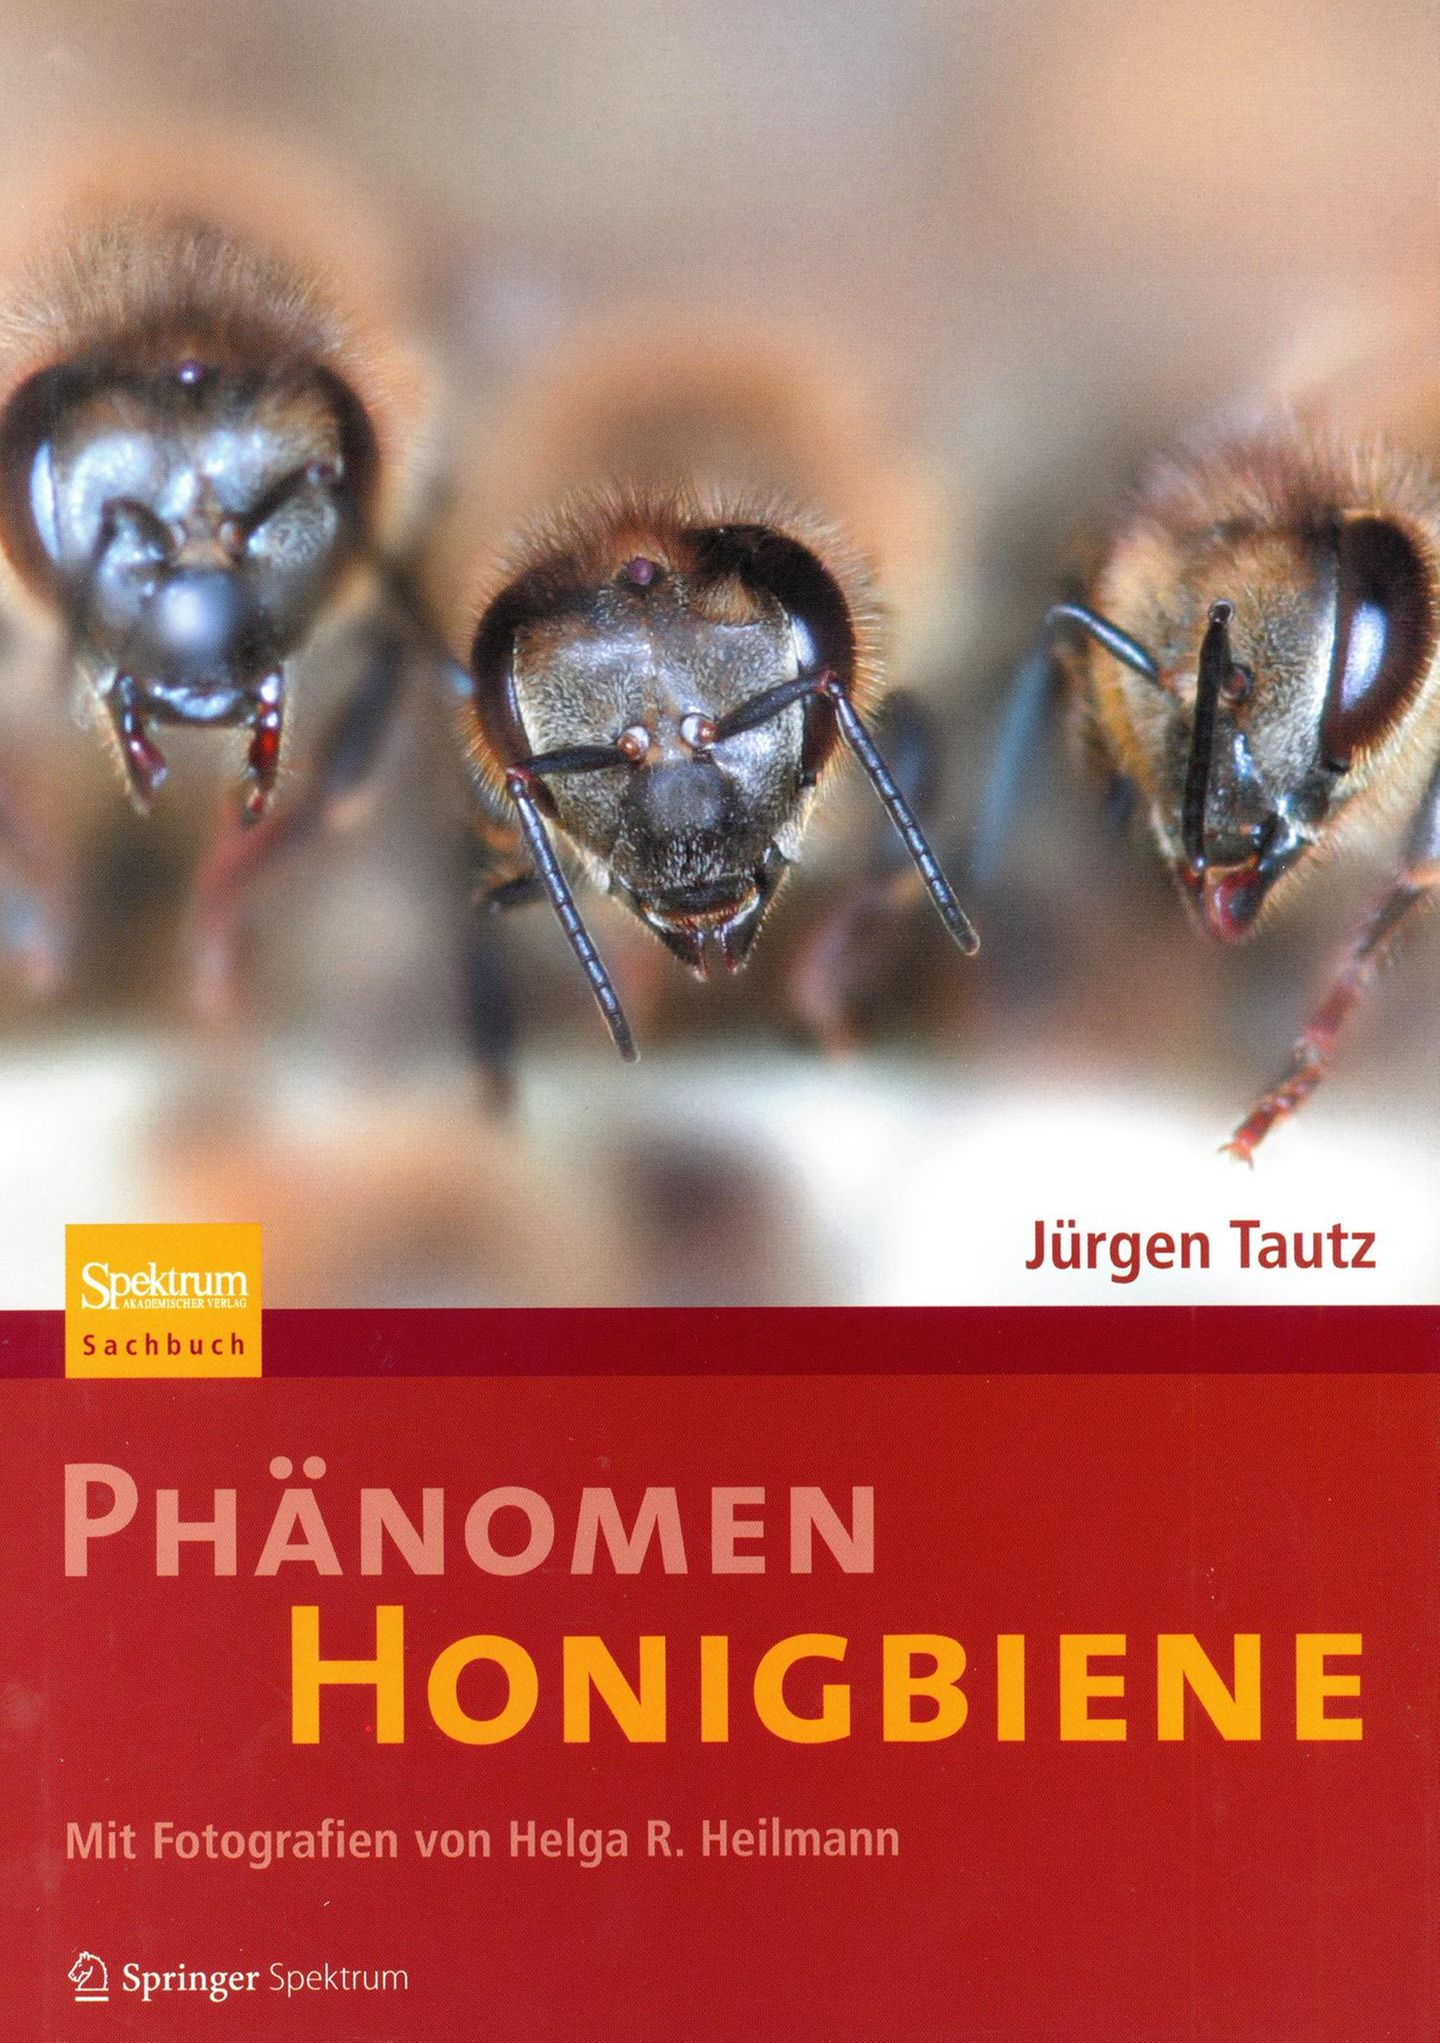 Phänomen Honigbiene  Von Jürgen Tautz      Jetzt wird es wissenschaftlich. Jürgen Tautz war Professor am Biozentrum, der Bayrischen Julius-Maximilians-Universität Würzburg. Von Haus aus ist er Verhaltensforscher und hatte mit Bienen nichts am Hut bis ihm ein Kollege ein Volk in den Garten stellte. Er würde schon sehen, die Bienen seien eine interessante Sache. Tautz packten die Tiere so sehr, dass Bienen sein Forschungsschwerpunkt und er über die Jahre ein international anerkannter Bienen-Experte wurde. Wem andere Bücher zu sehr an der Oberfläche kratzen, kann hier tiefer in die wissenschaftliche Welt der Bienen eintauchen. Hier geht es nicht um die Honiggewinnung, sondern um die einzelnen Körperfunktionen des Superorganismus Honigbiene.